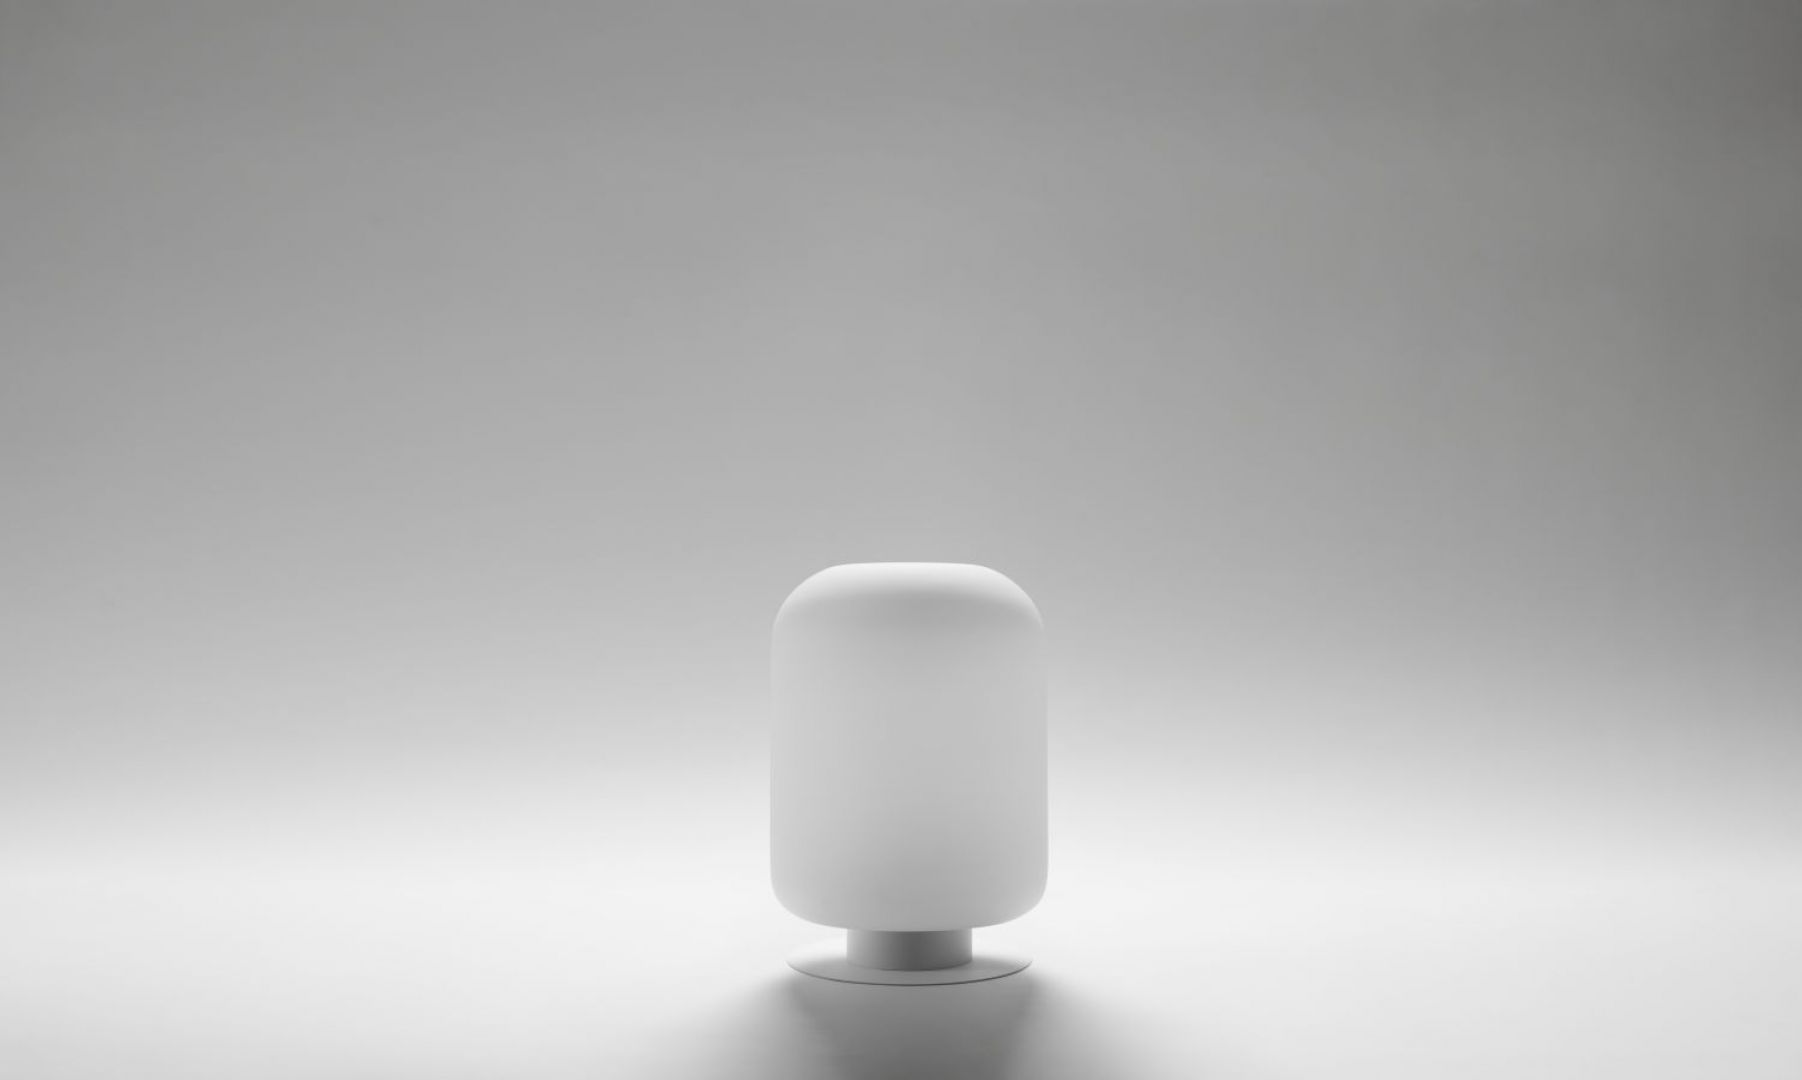 Dodatkowo w przypadku lamp stojących istnieje możliwość regulacji natężenia za pomocą aplikacji mobilnej (system Casambi w technologii Bluetooth Low Energy). Fot. Labra